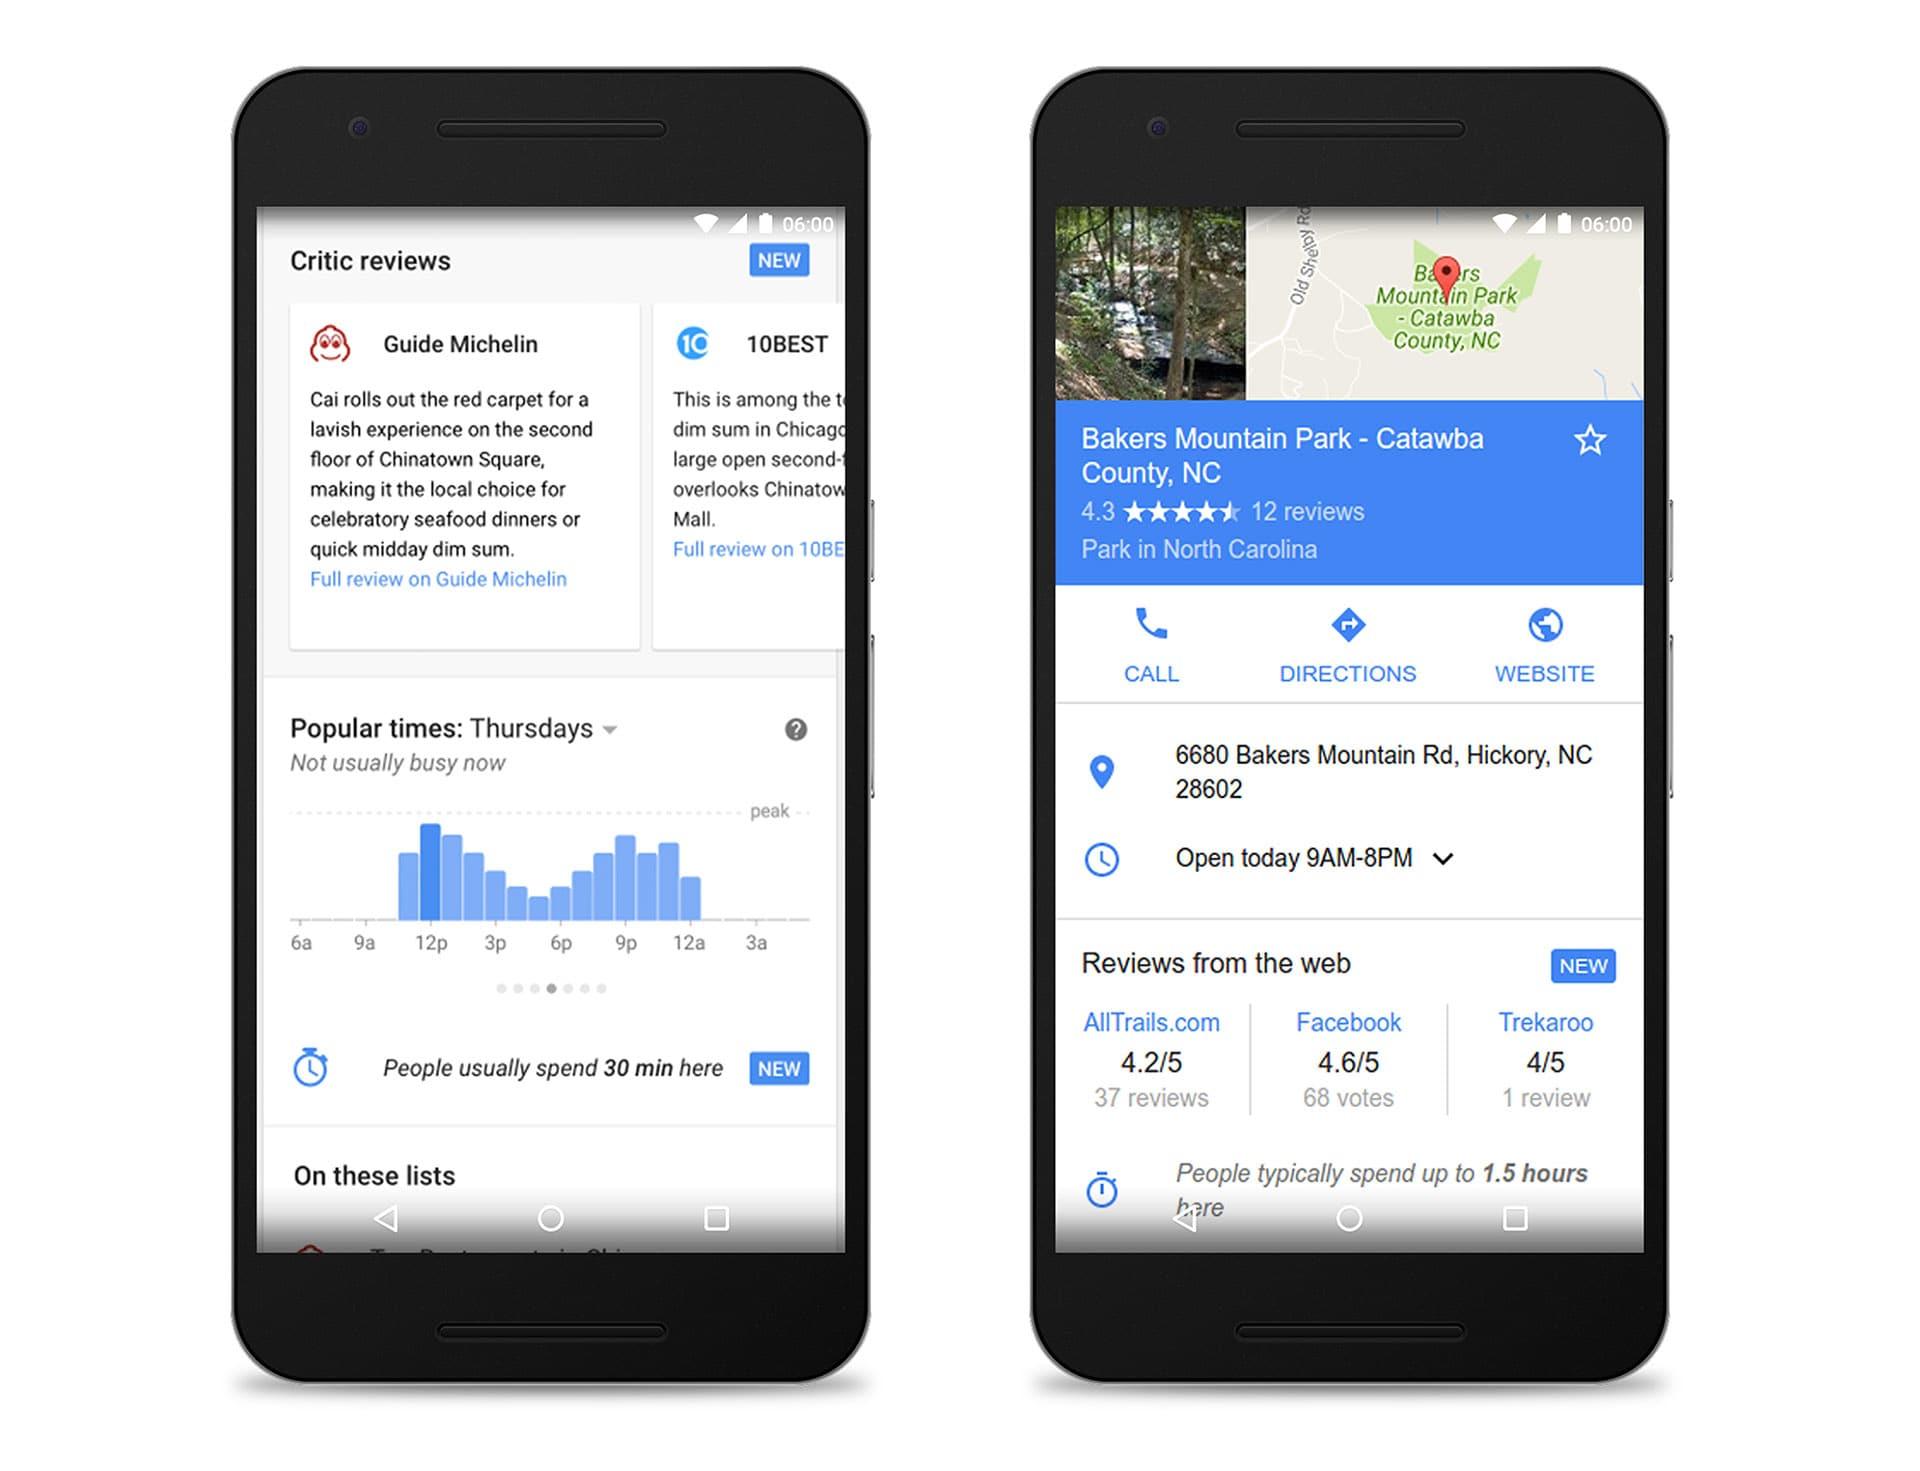 I siti web contribuiranno alle recensioni che trovate su Ricerca Google